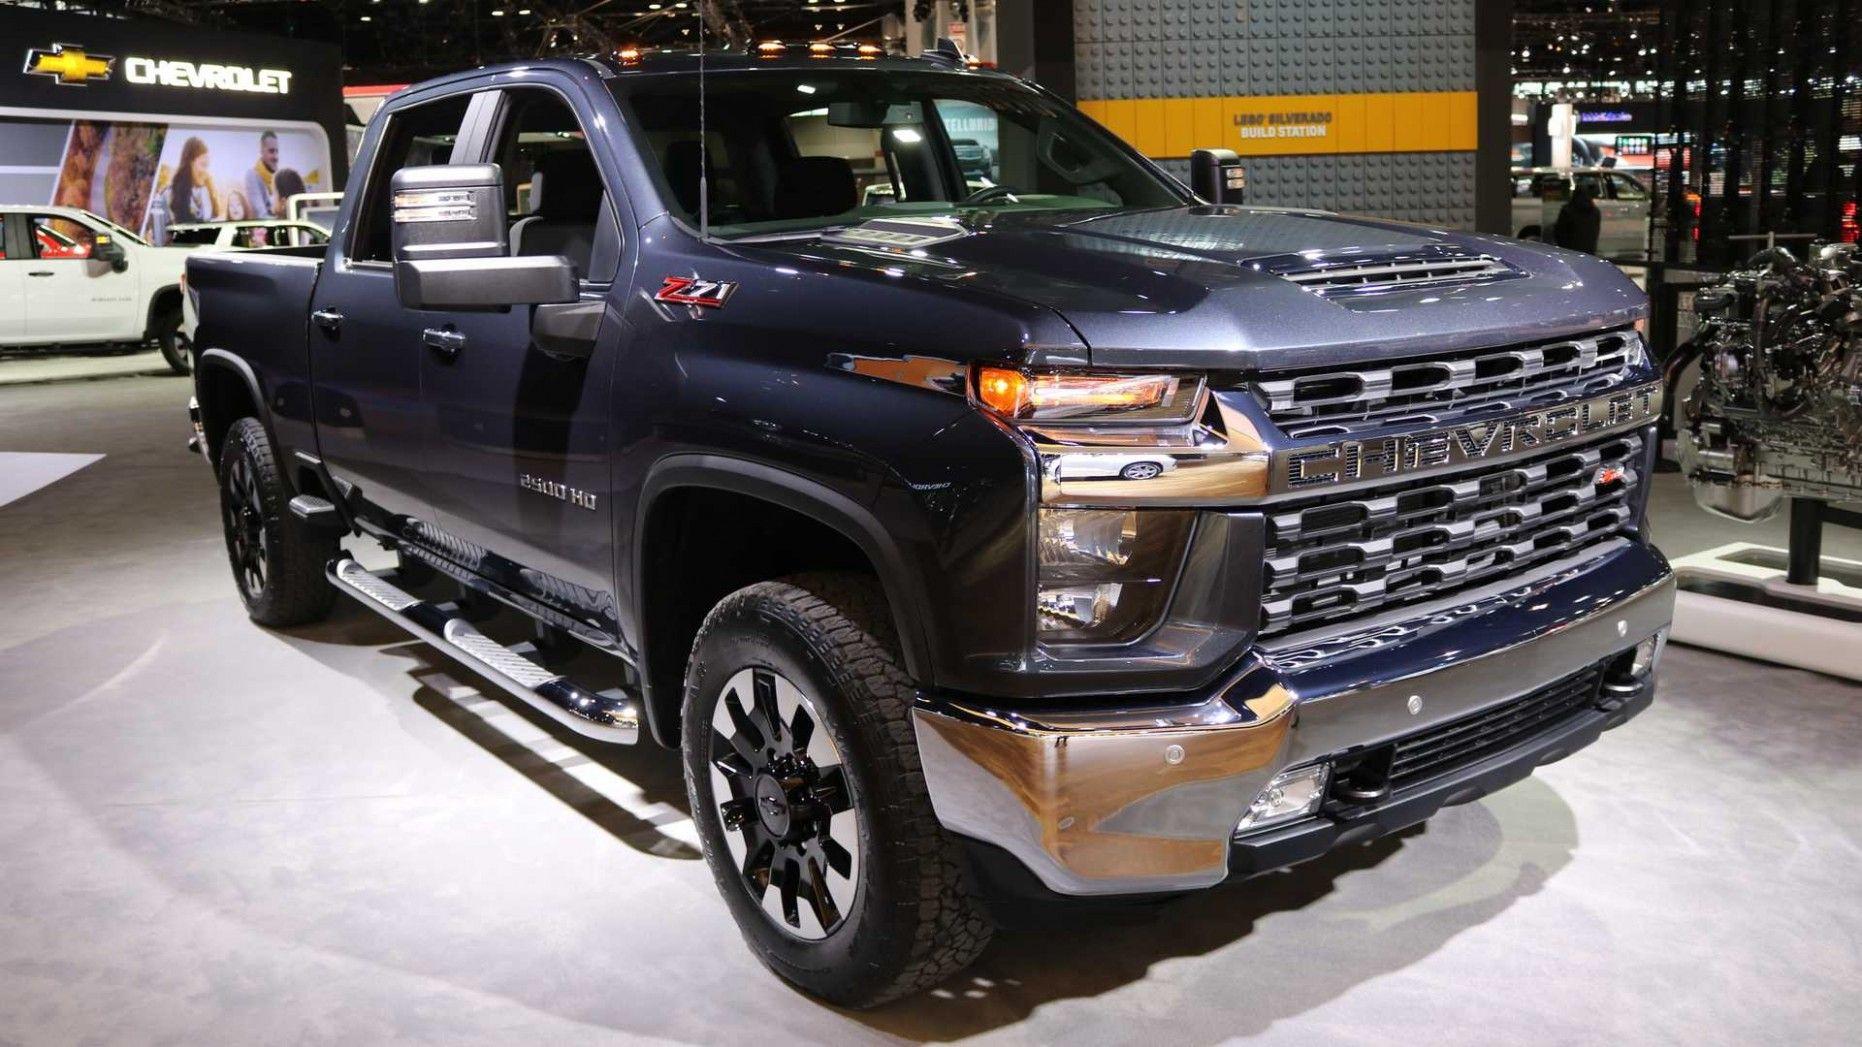 2020 Silverado 1500 2500 Hd Pictures In 2020 Chevrolet Silverado